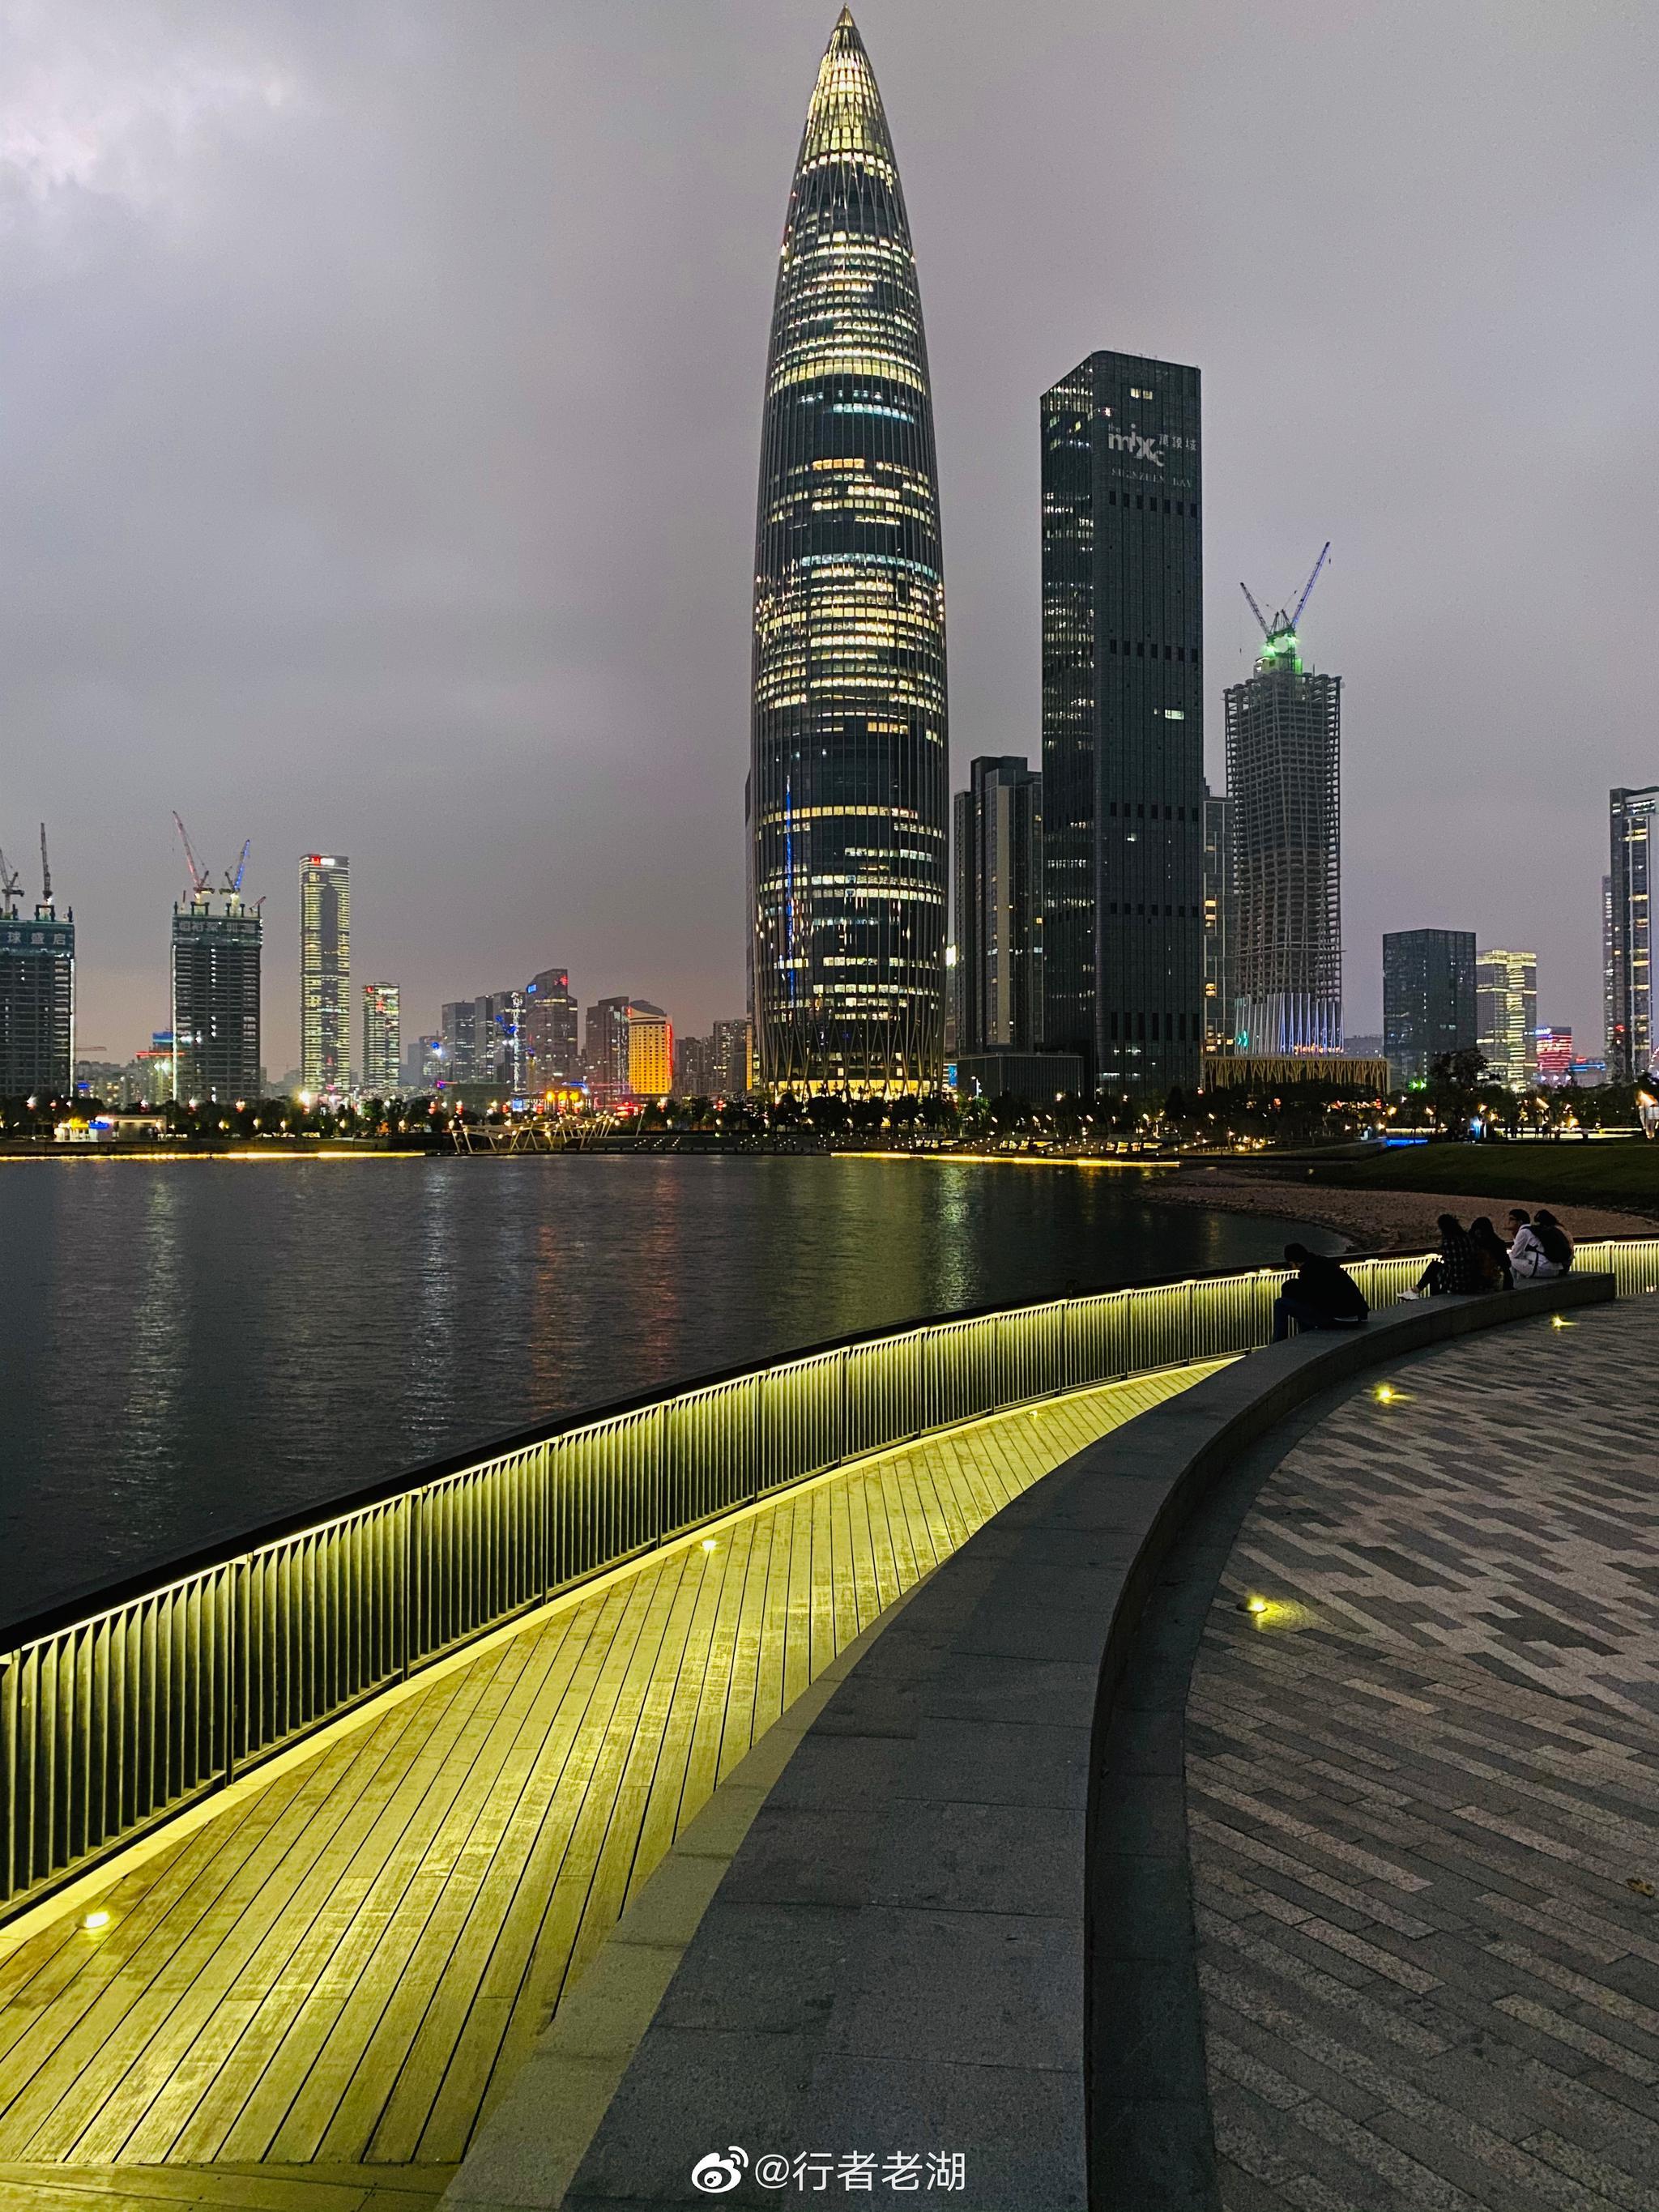 深圳夜晚漫步鹏城,美得有些不真实,让我都有些不认识它了